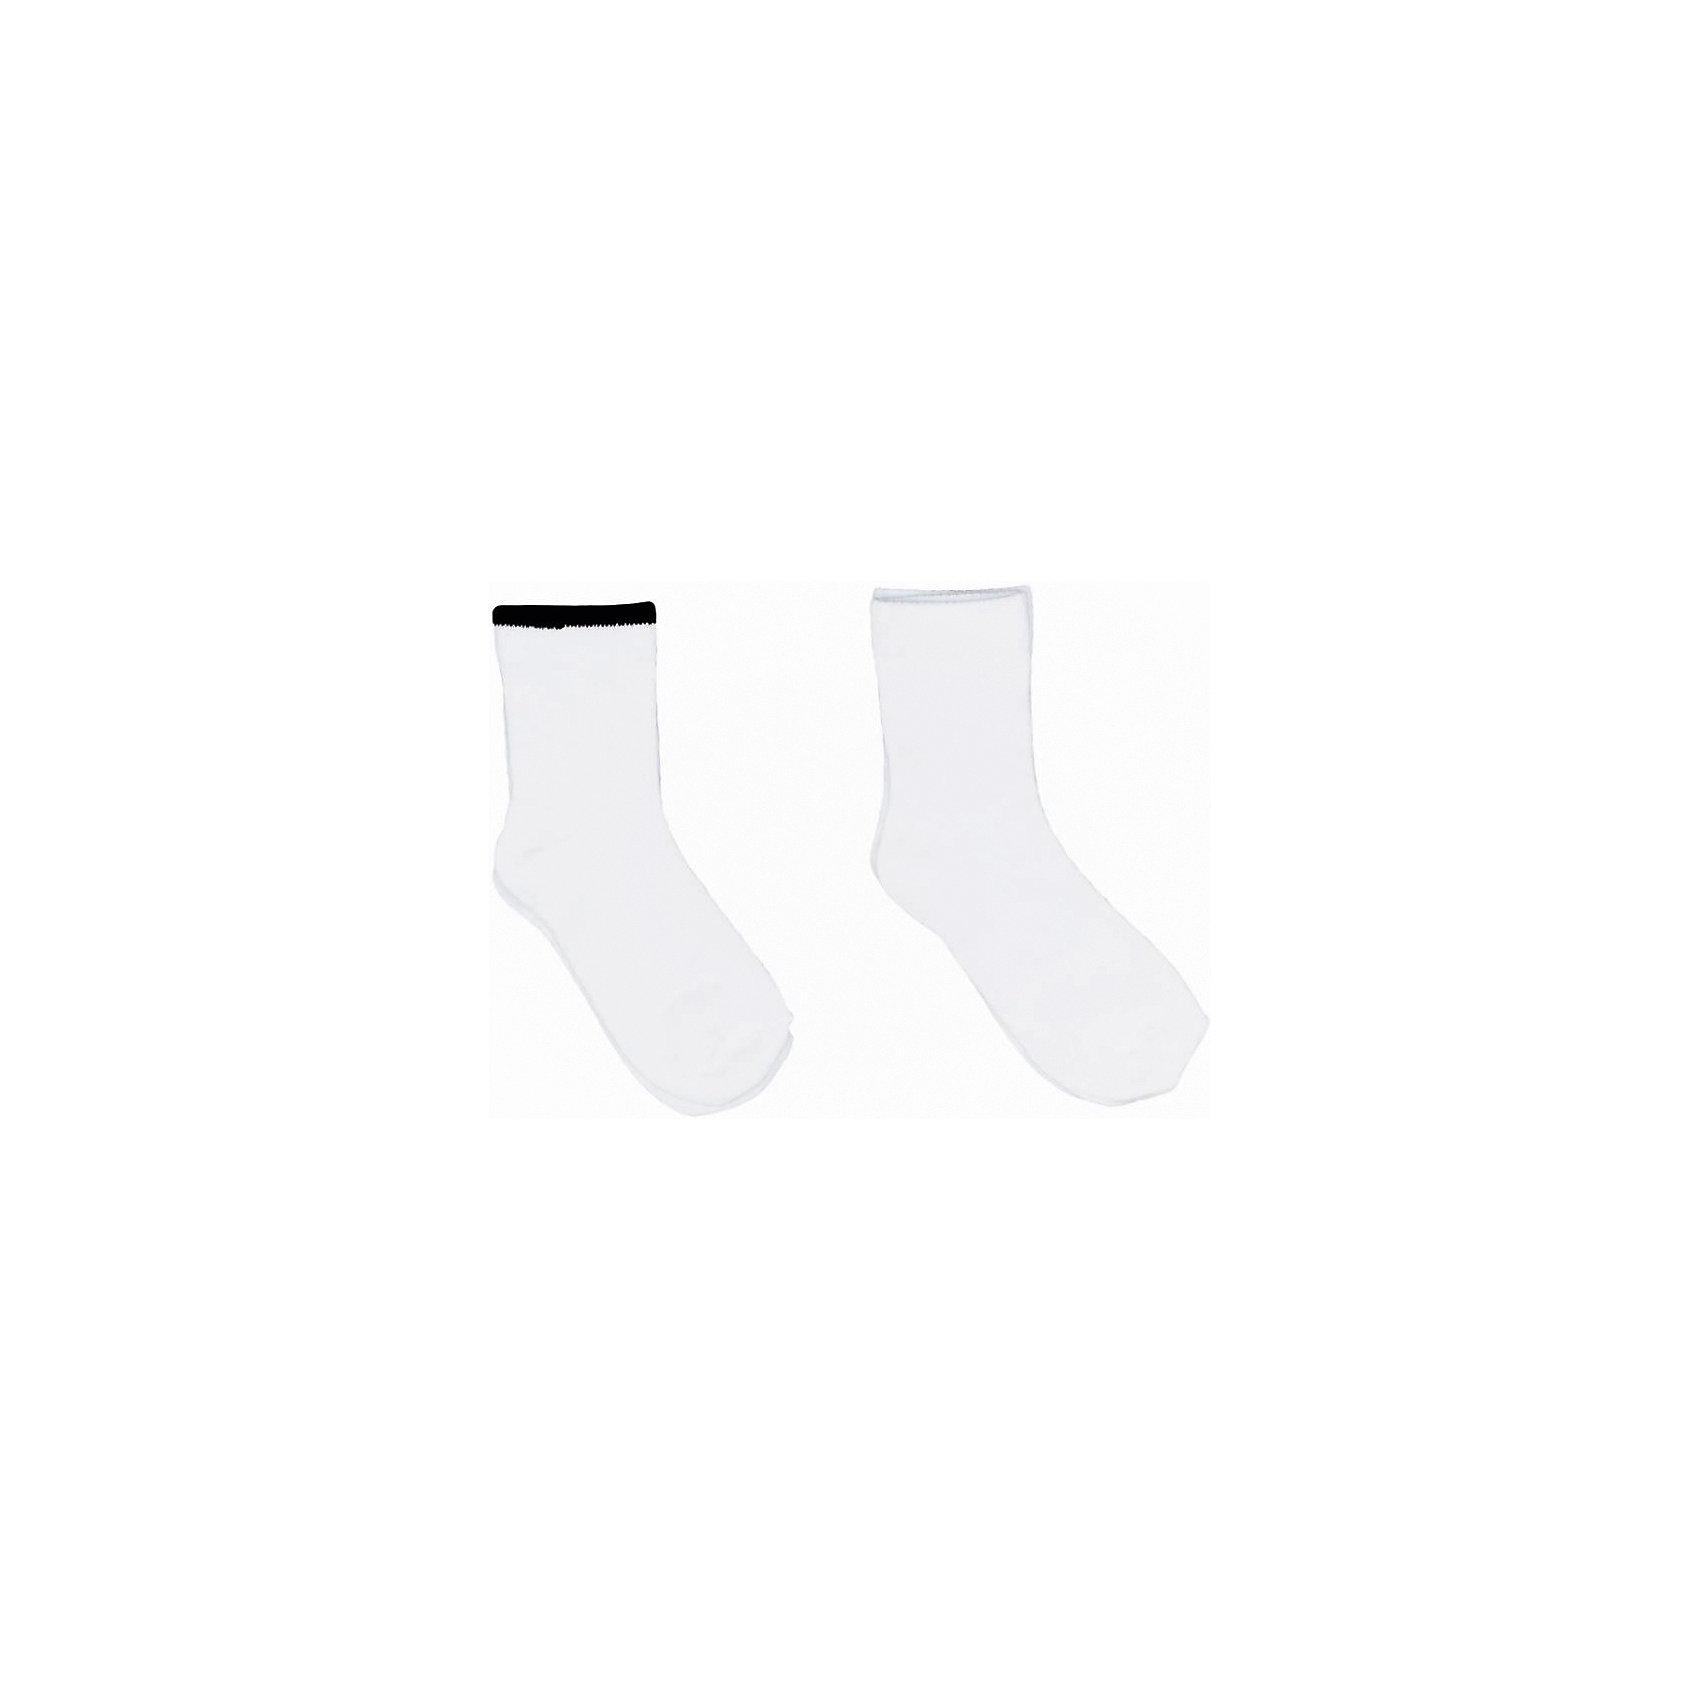 Носки для мальчика ScoolНоски<br>Носки для мальчика от известного бренда Scool<br>Состав:<br>75% хлопок, 22% нейлон, 3% эластан<br>Комплект из двух пар хлопковых носочков <br>* Верх на мягкой резинке<br><br>Ширина мм: 87<br>Глубина мм: 10<br>Высота мм: 105<br>Вес г: 115<br>Цвет: белый<br>Возраст от месяцев: 3<br>Возраст до месяцев: 6<br>Пол: Мужской<br>Возраст: Детский<br>Размер: 18,20,24,22<br>SKU: 4686876